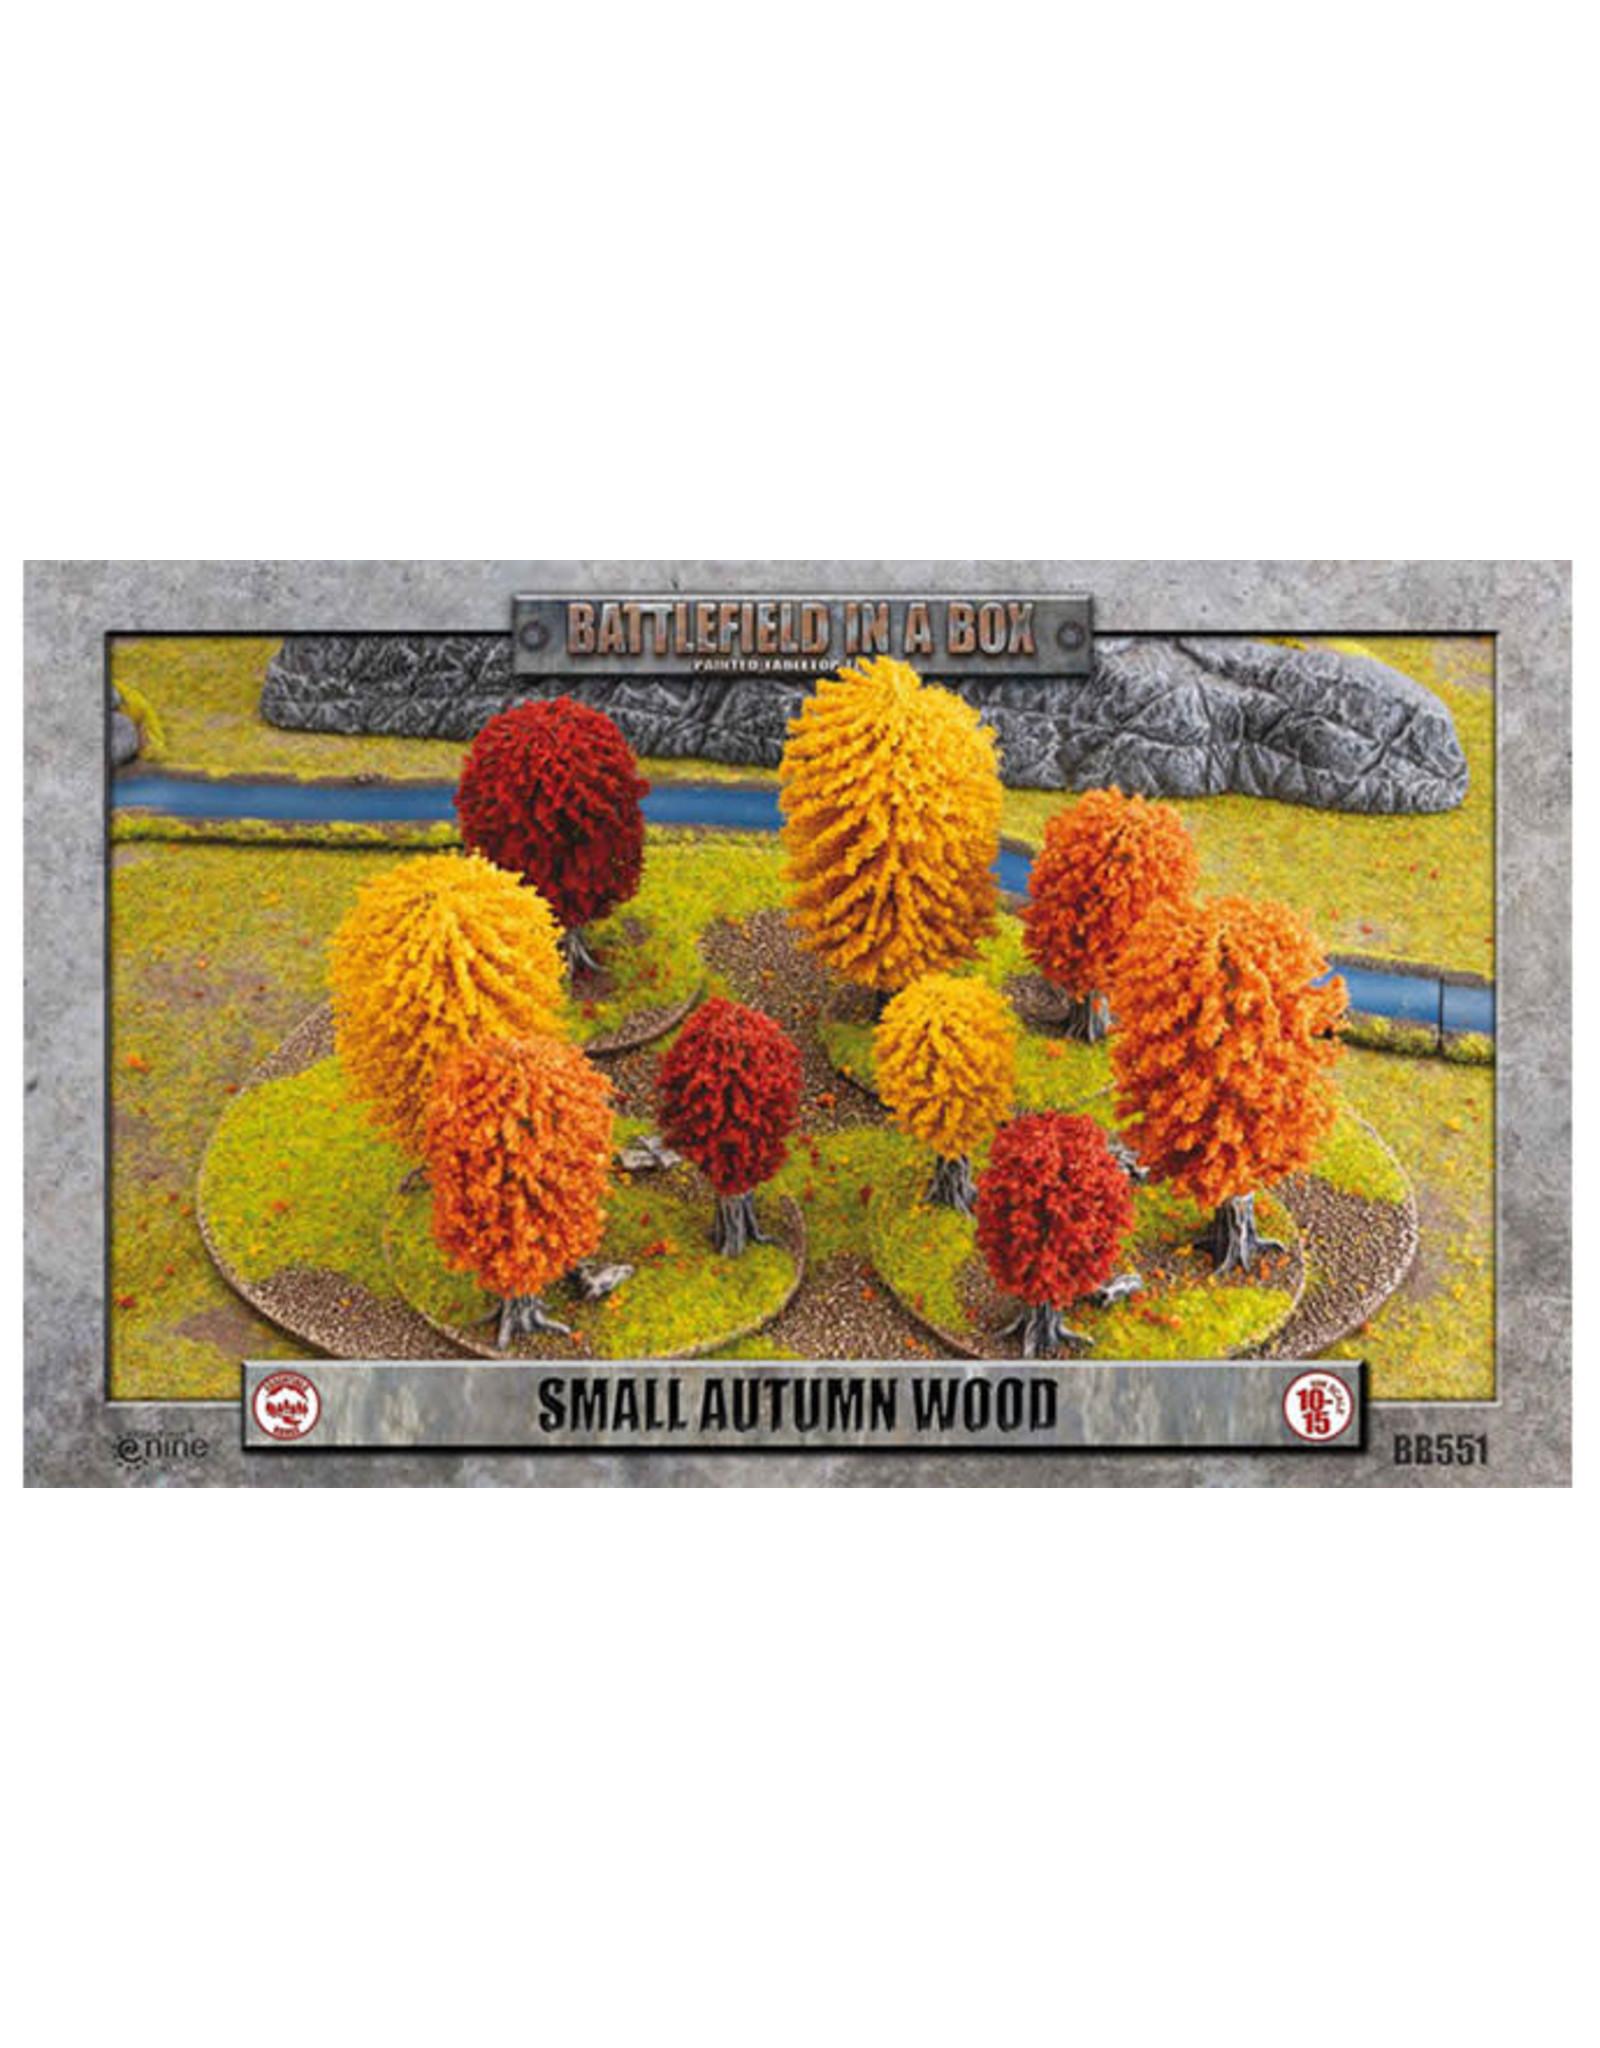 Small Autumn Wood